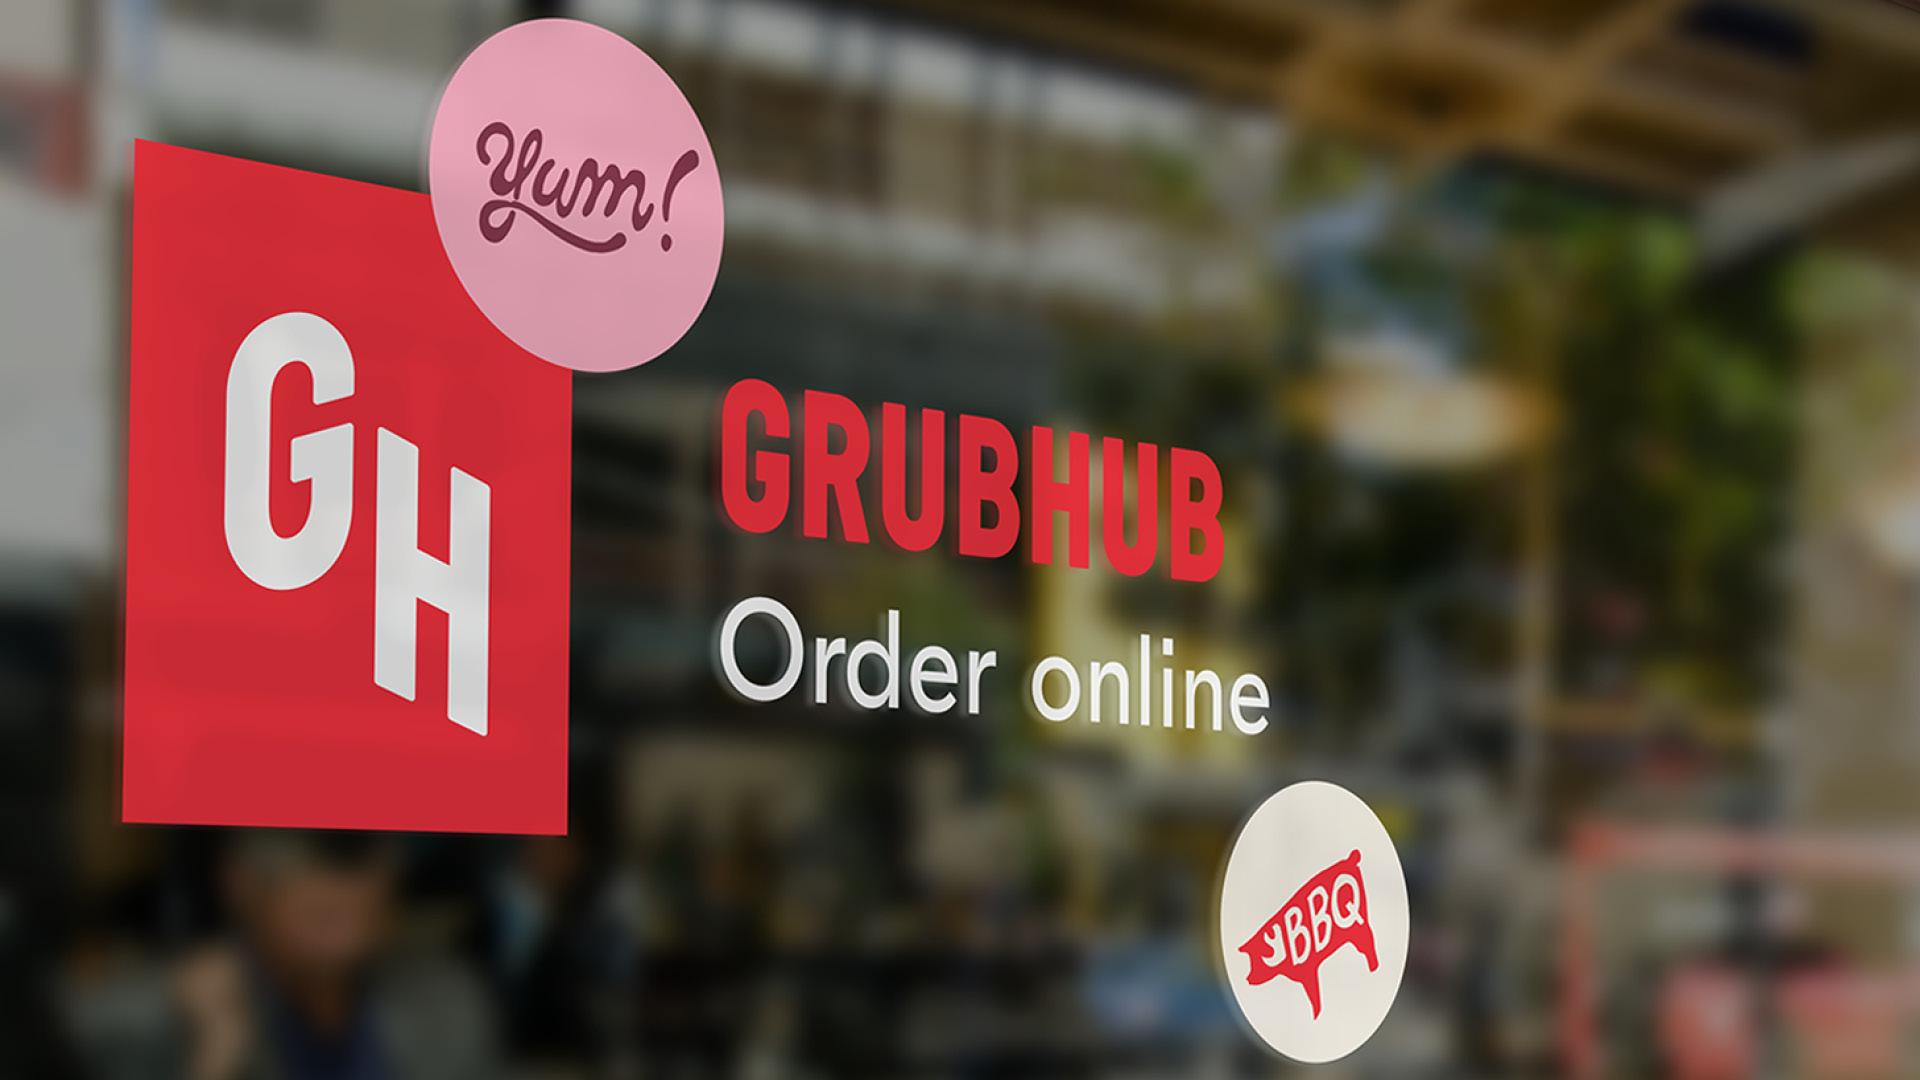 GRUBHUB-07